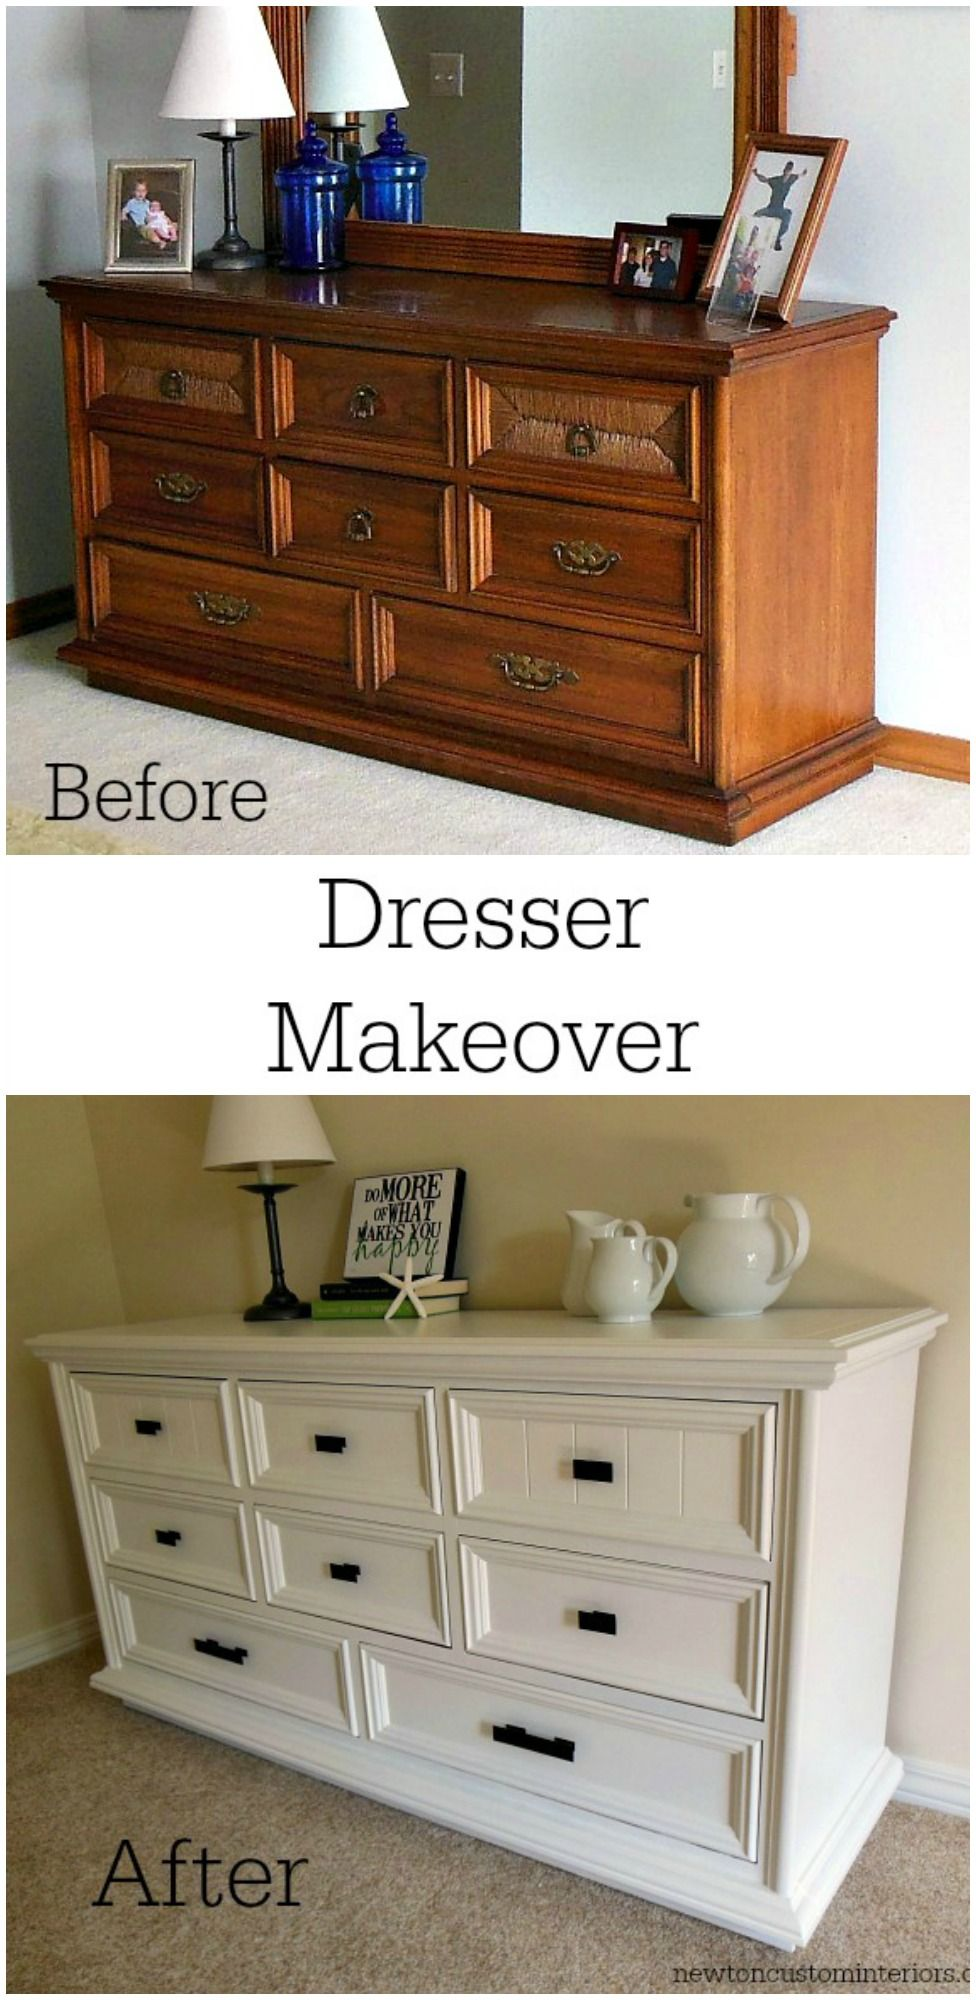 Dresser Makeover | Restauración de muebles, Antes después y ...